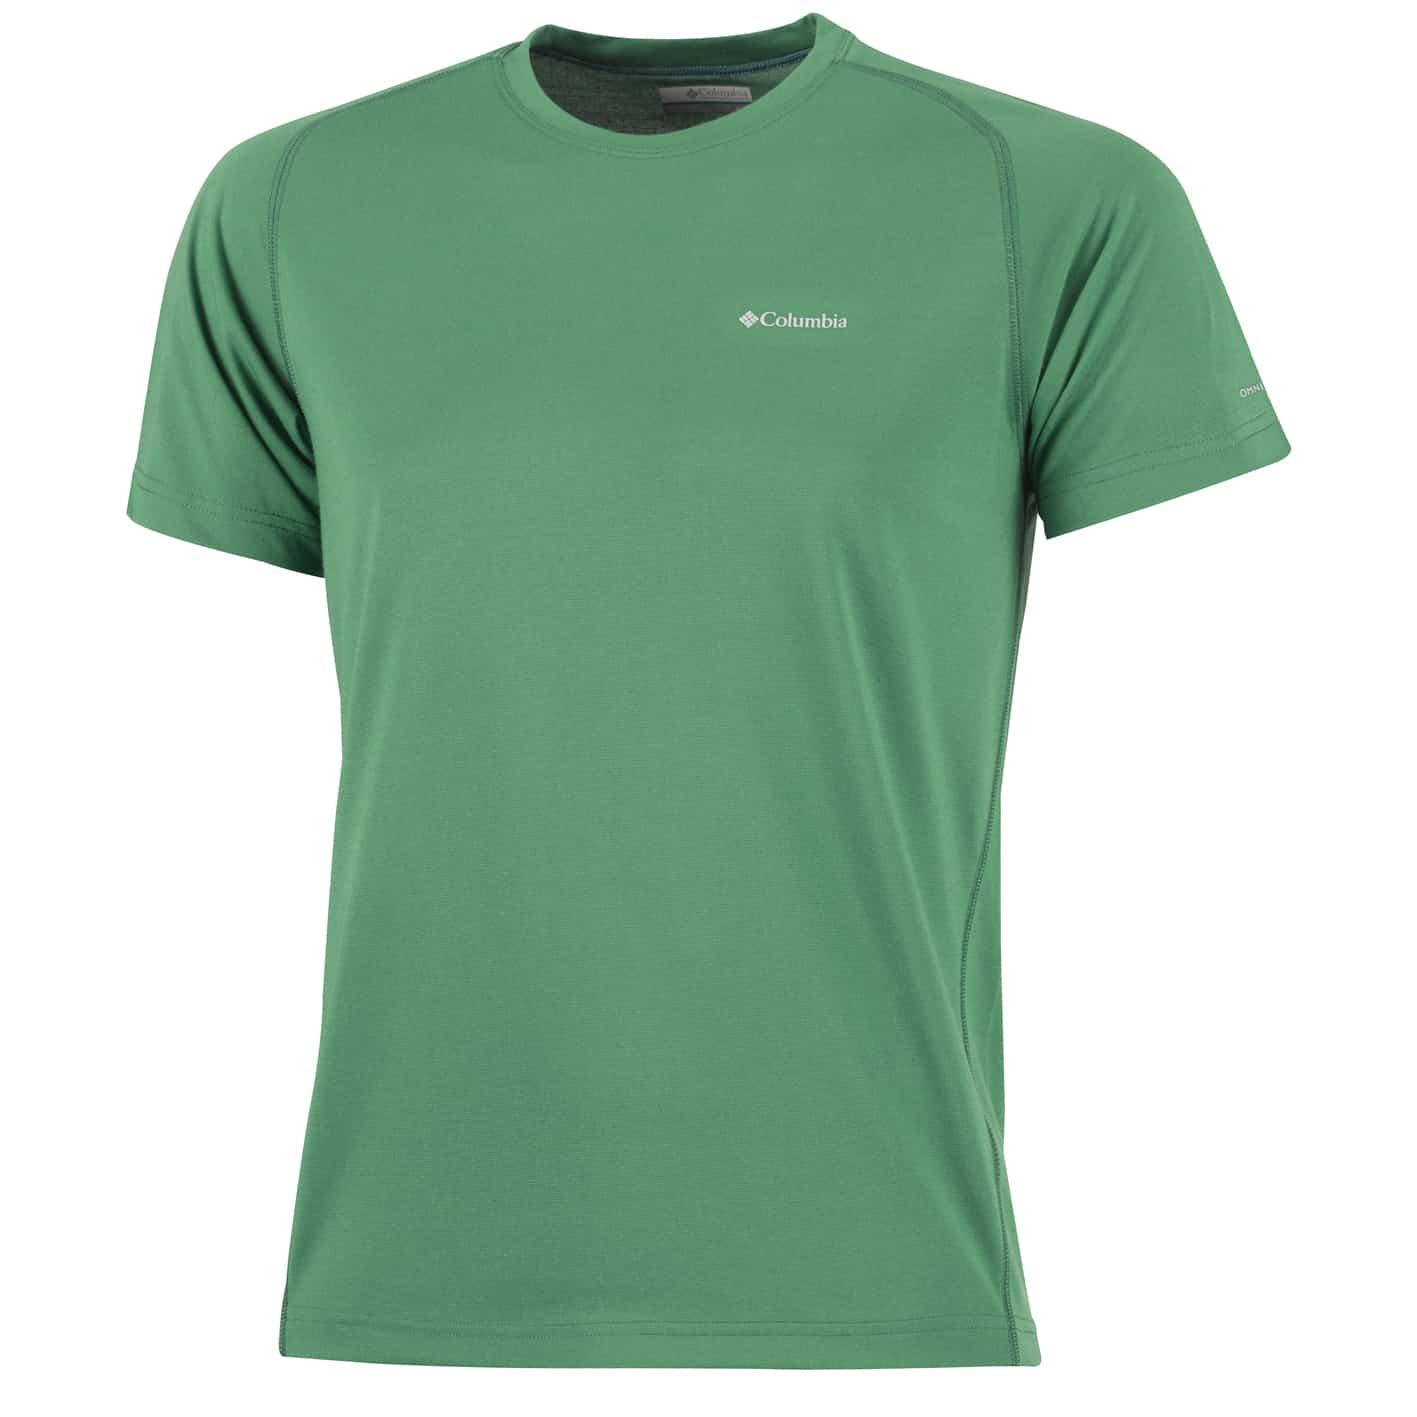 Mai più caldo quando si fa sport con la T-shirt Columbia!